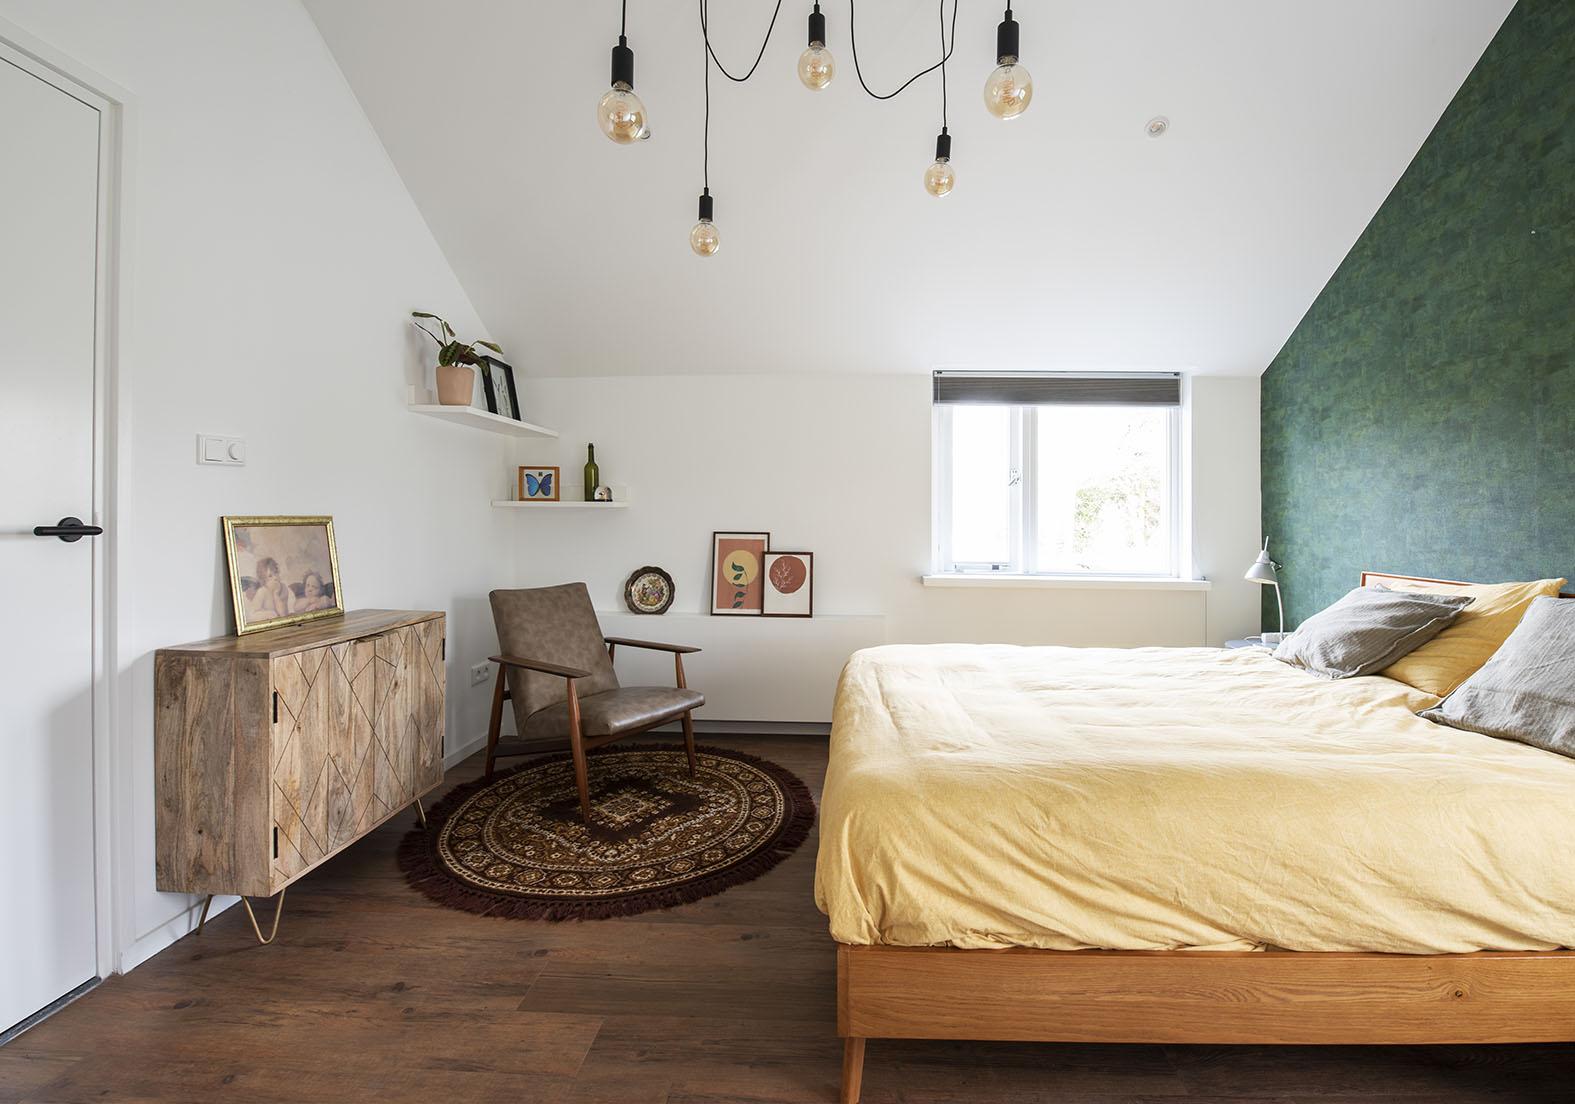 Slaapkamer vintage interieuradvies slaapkameradvies Den Bosch groen behang kleine zolder slaapkamer schuin dak